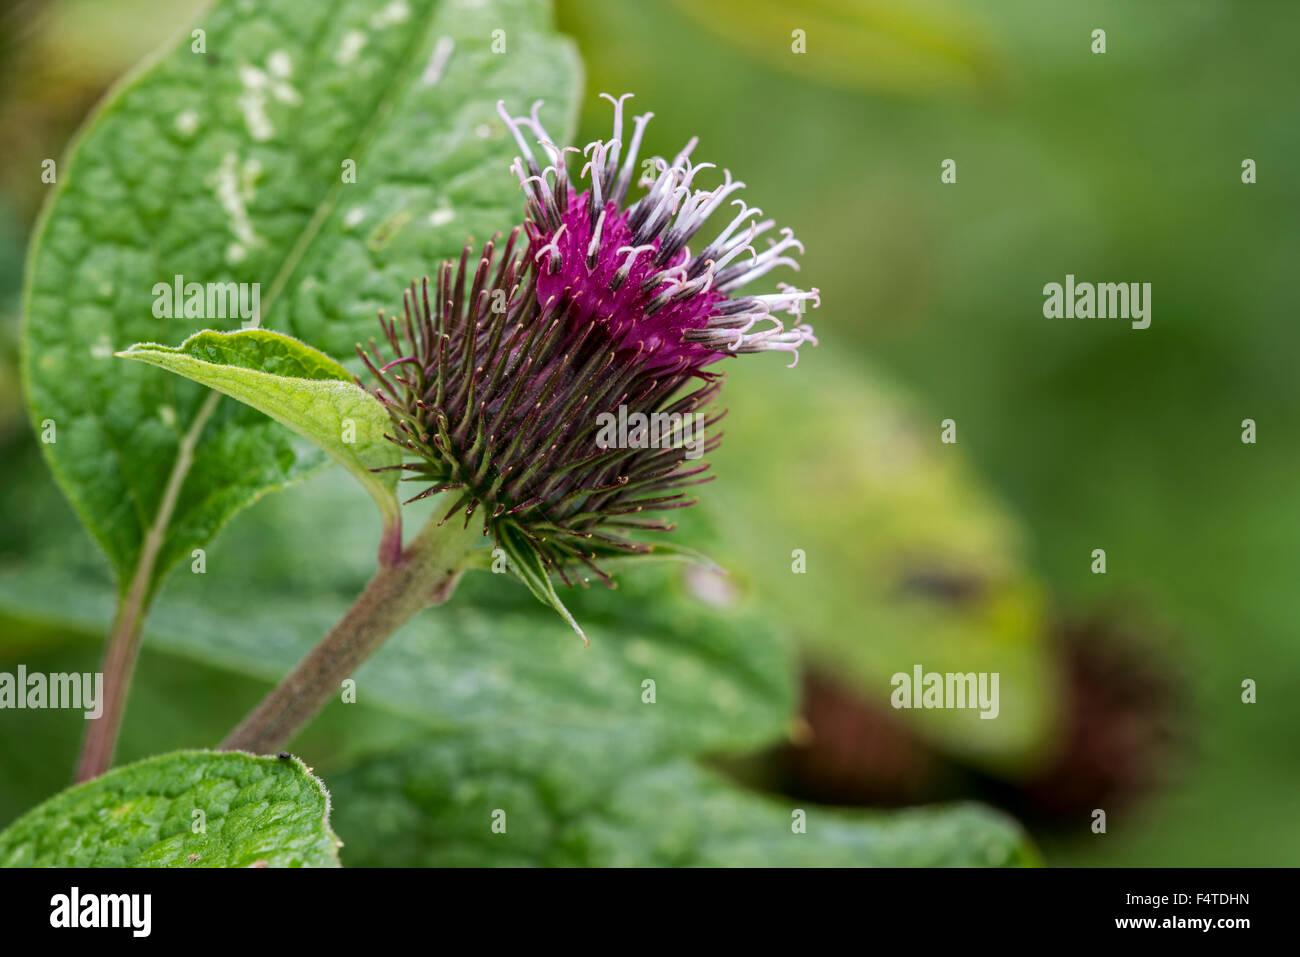 Lesser burdock / burweed / louse-bur / common burdock (Arctium minus) in flower - Stock Image